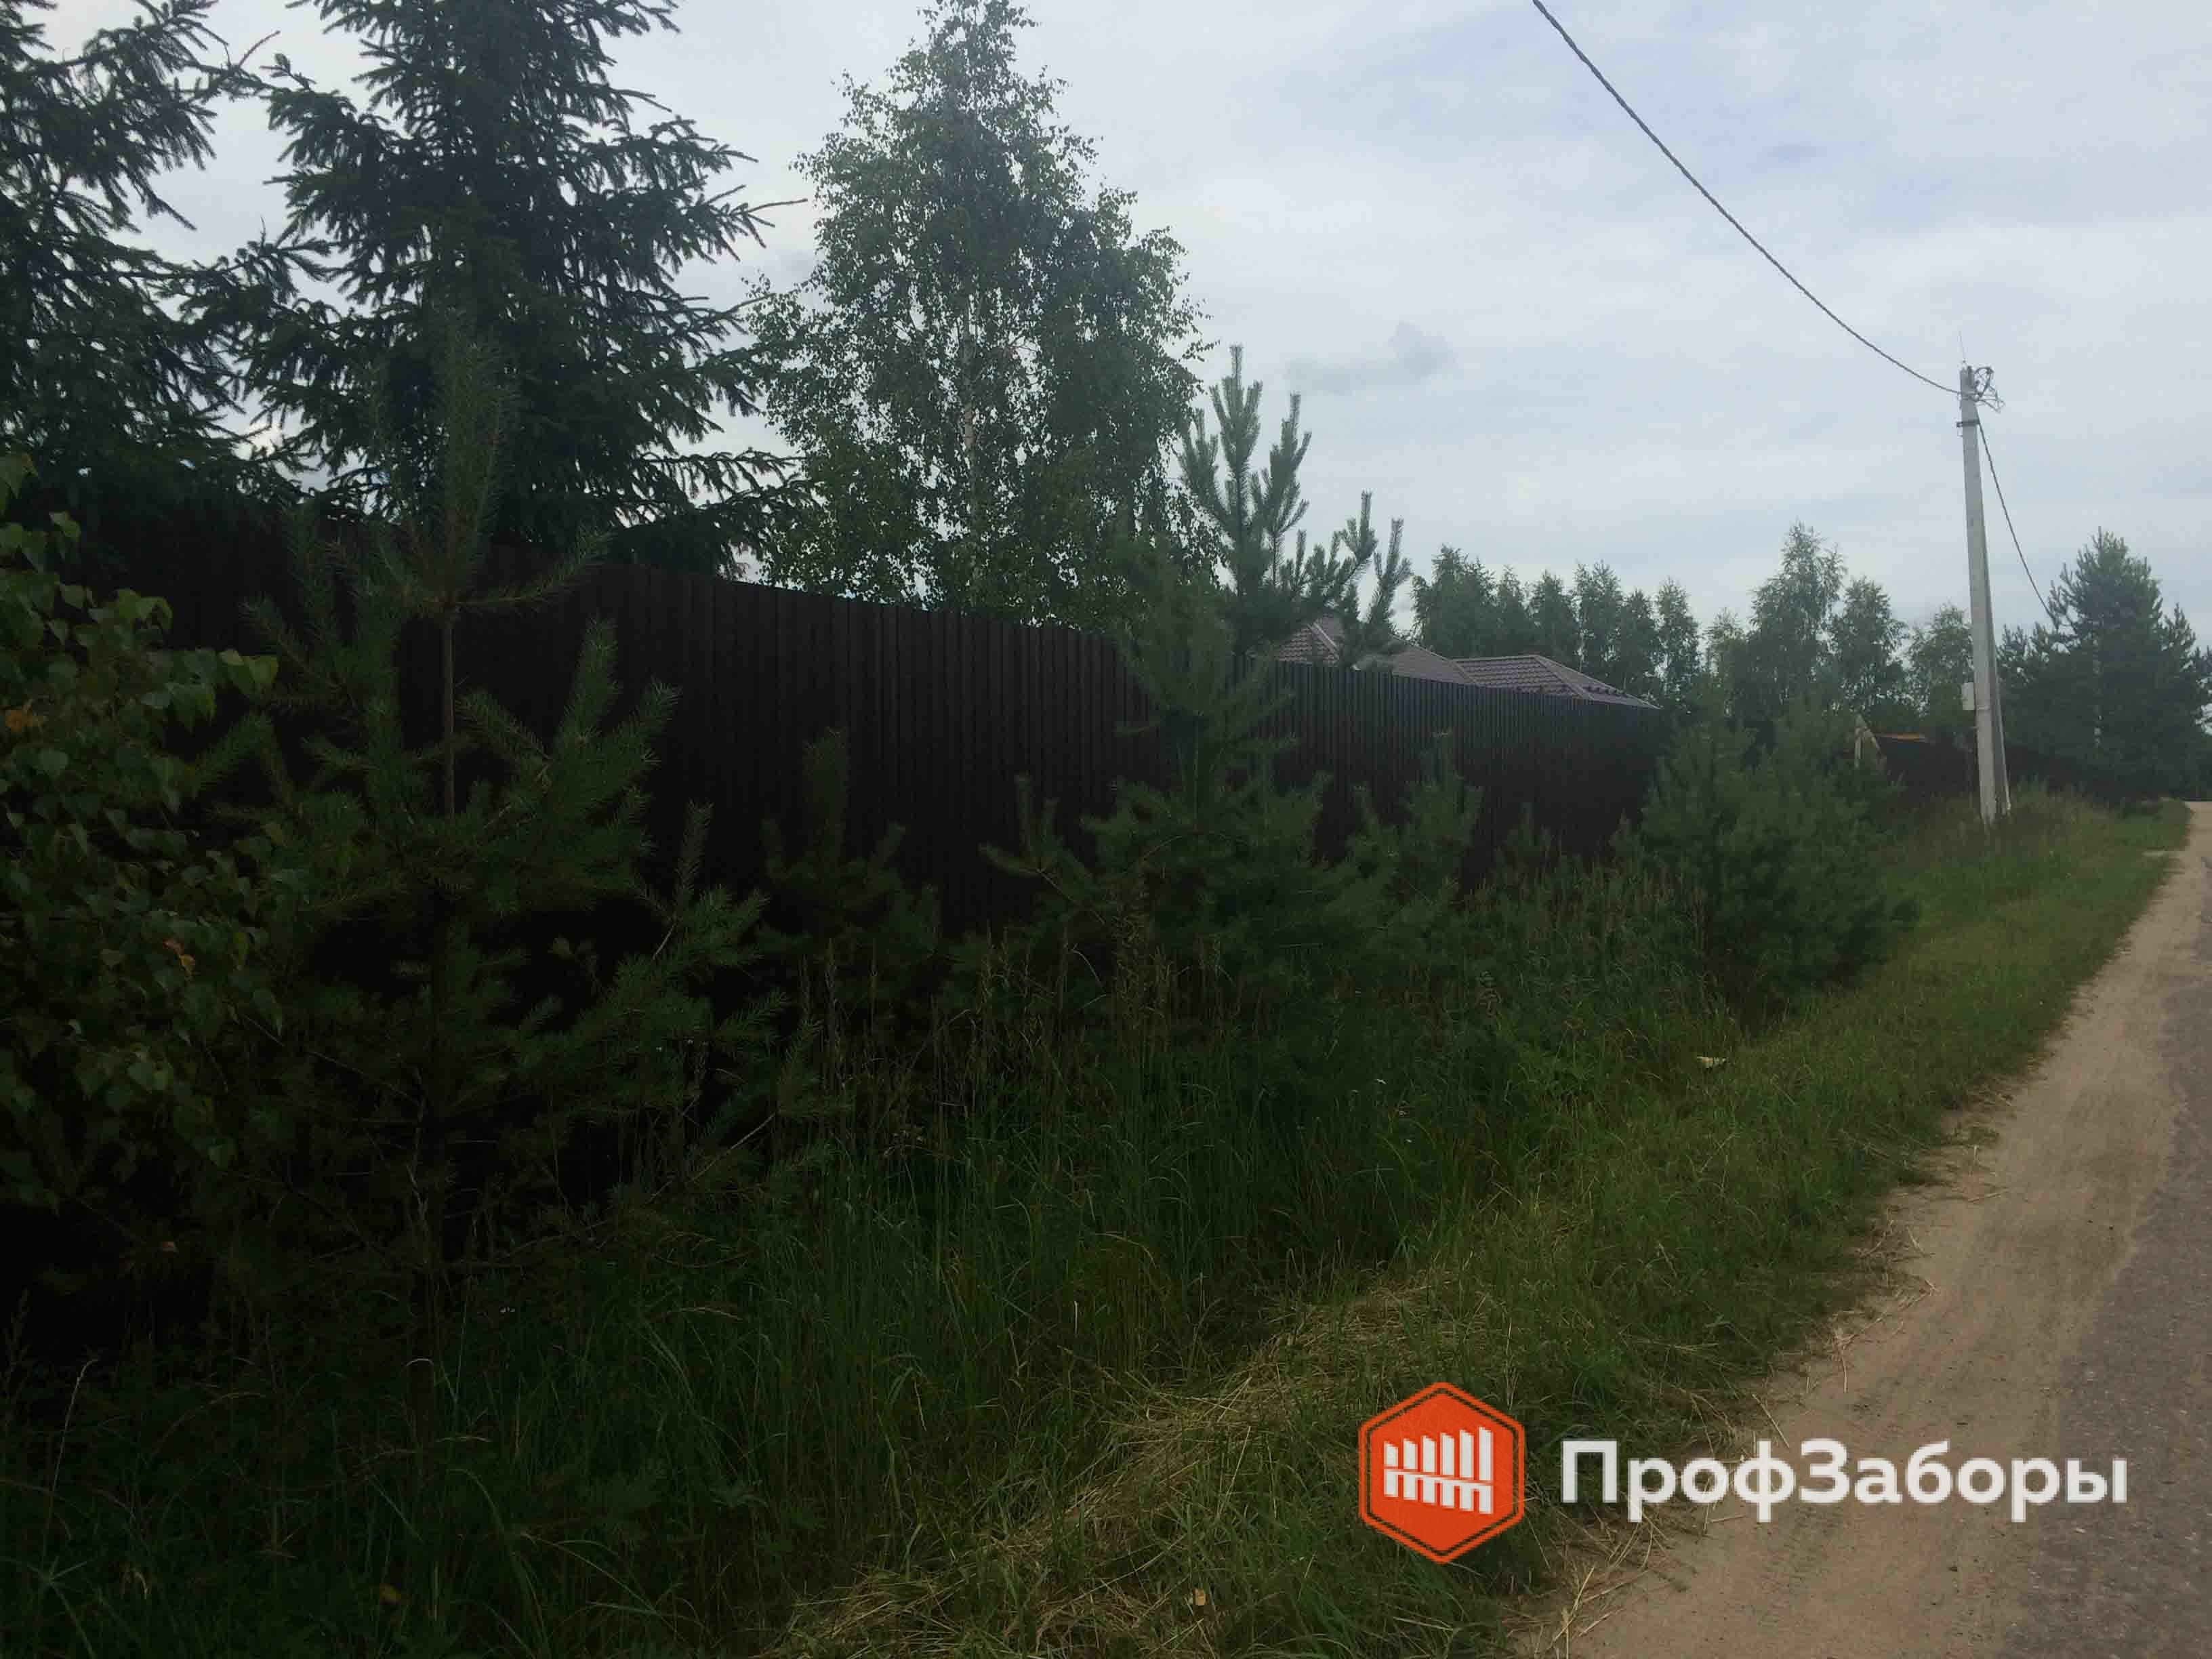 Заборы Из профнастила  - Городской округ Егорьевск. Фото 4